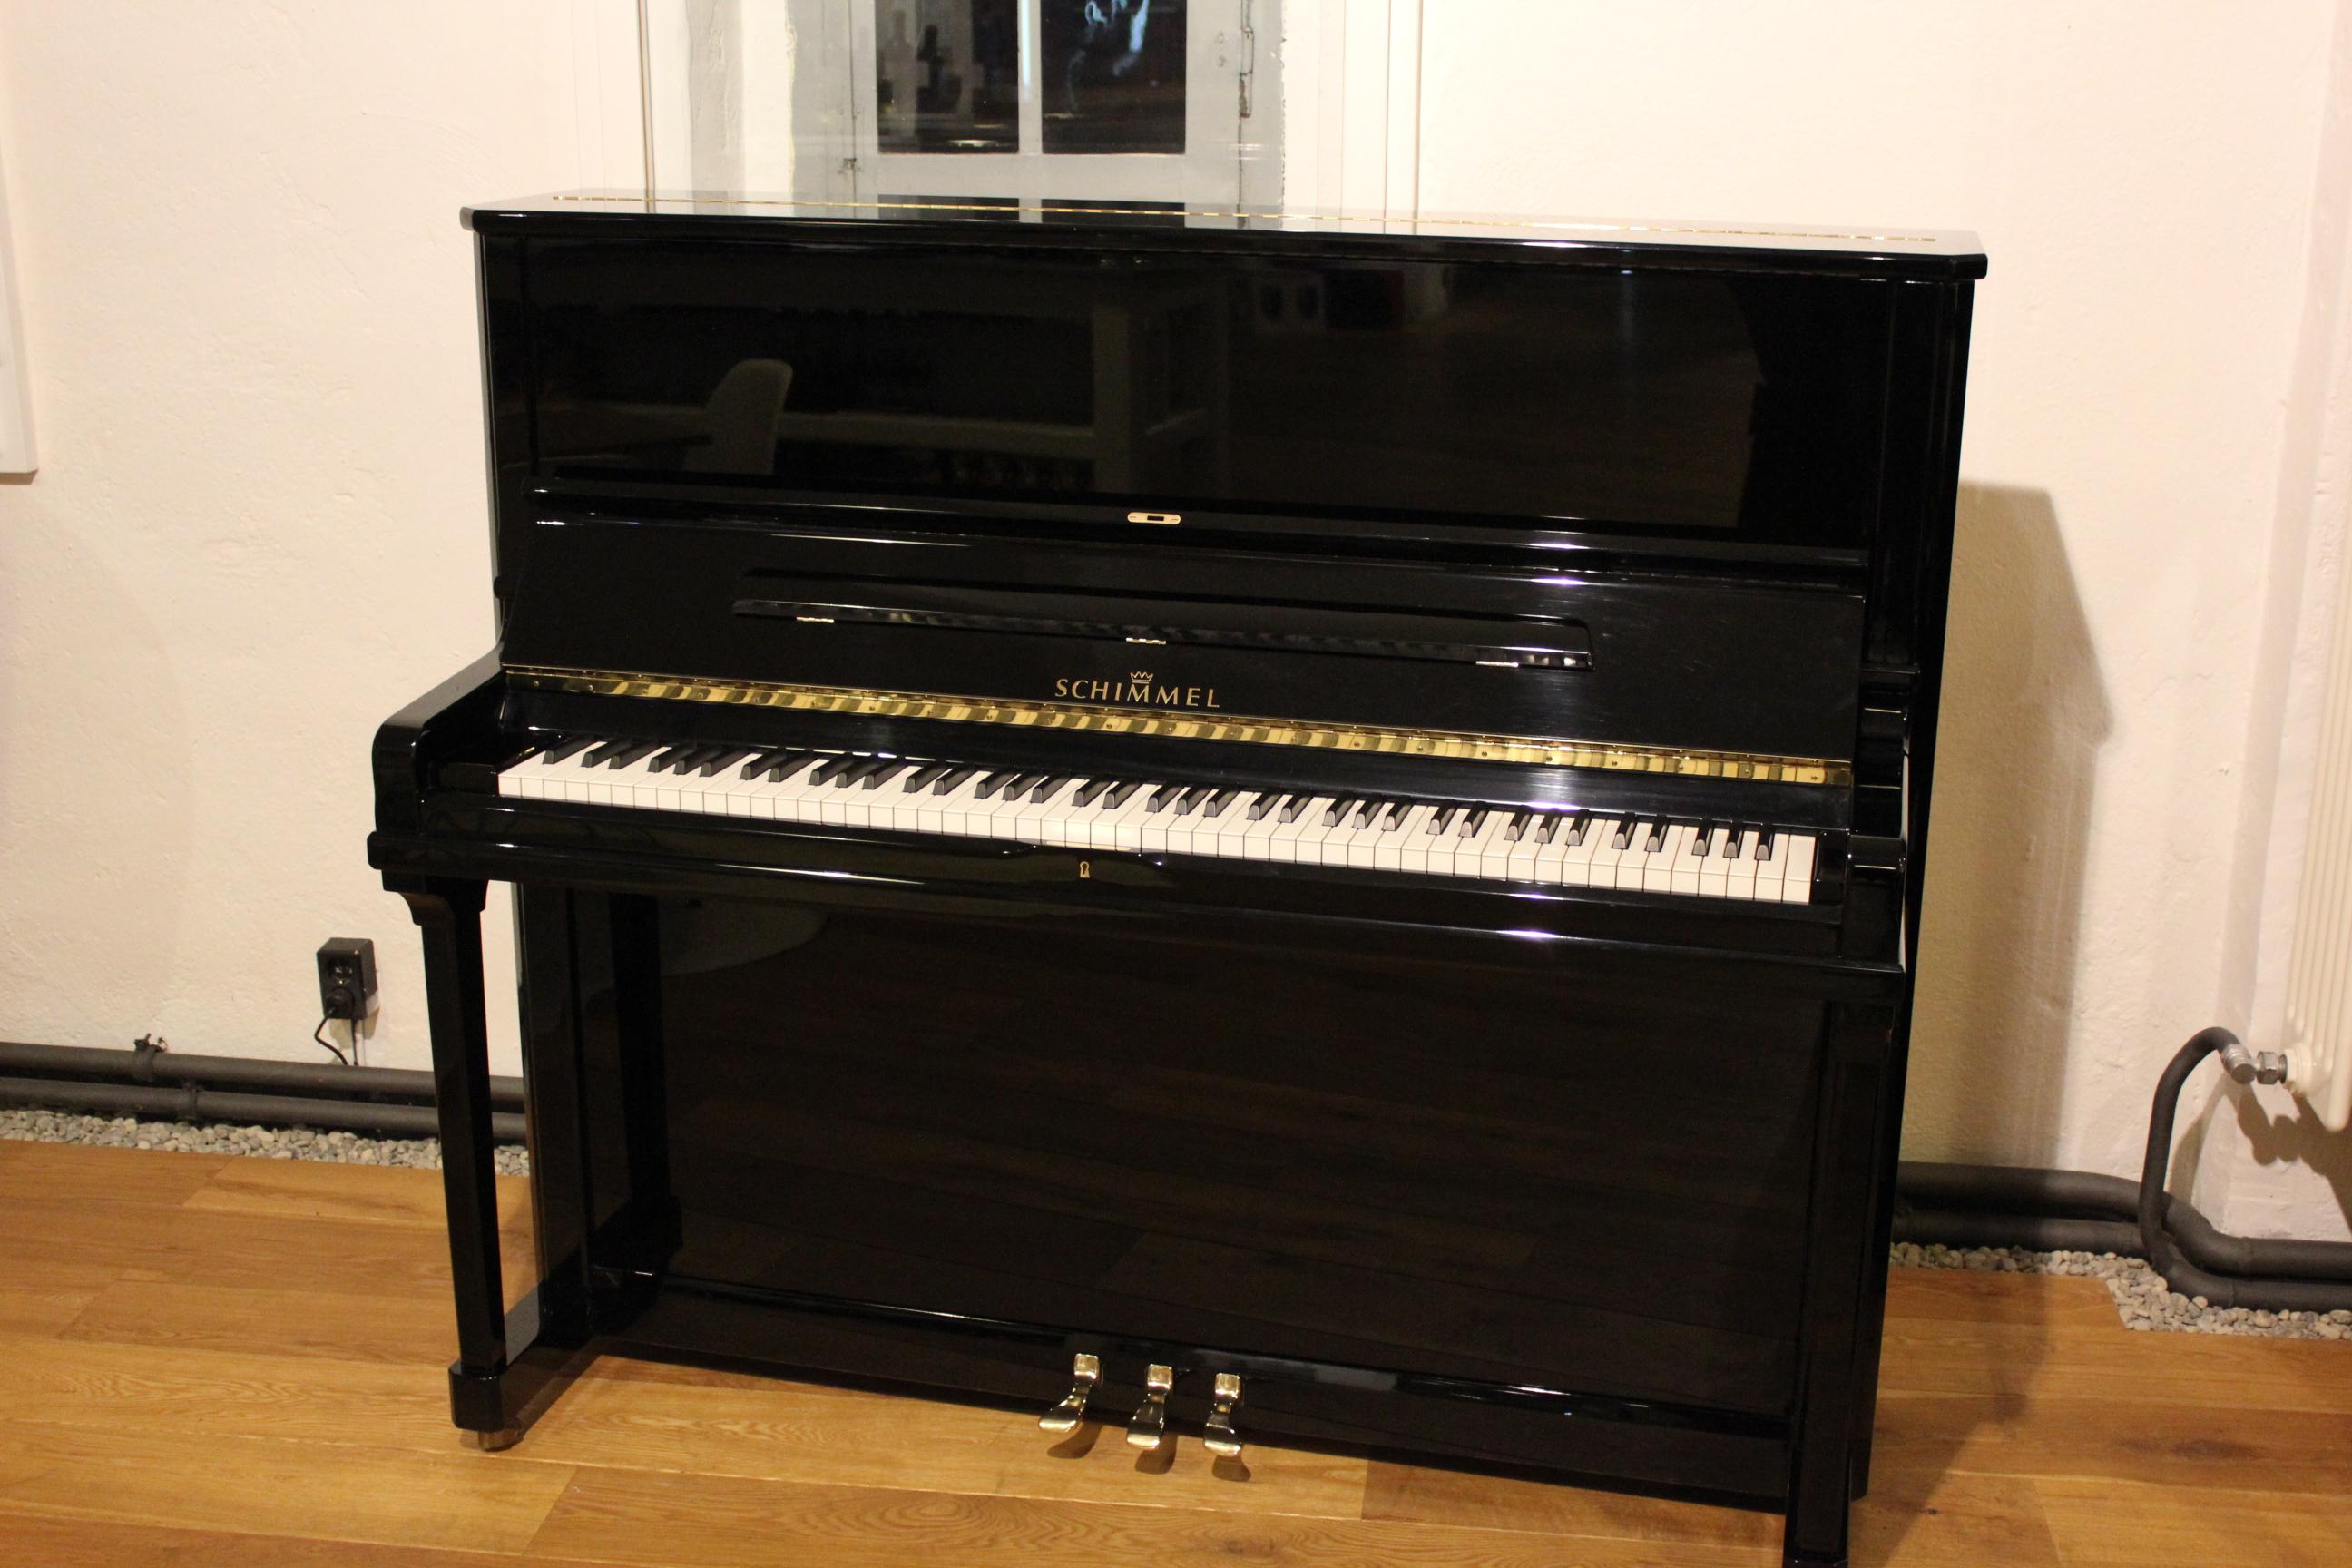 Schimmel classic 128 klavier bj 1987 verkauft gebrauchtklaviere hersteller klaviere - Schimmel hauswand innen ...